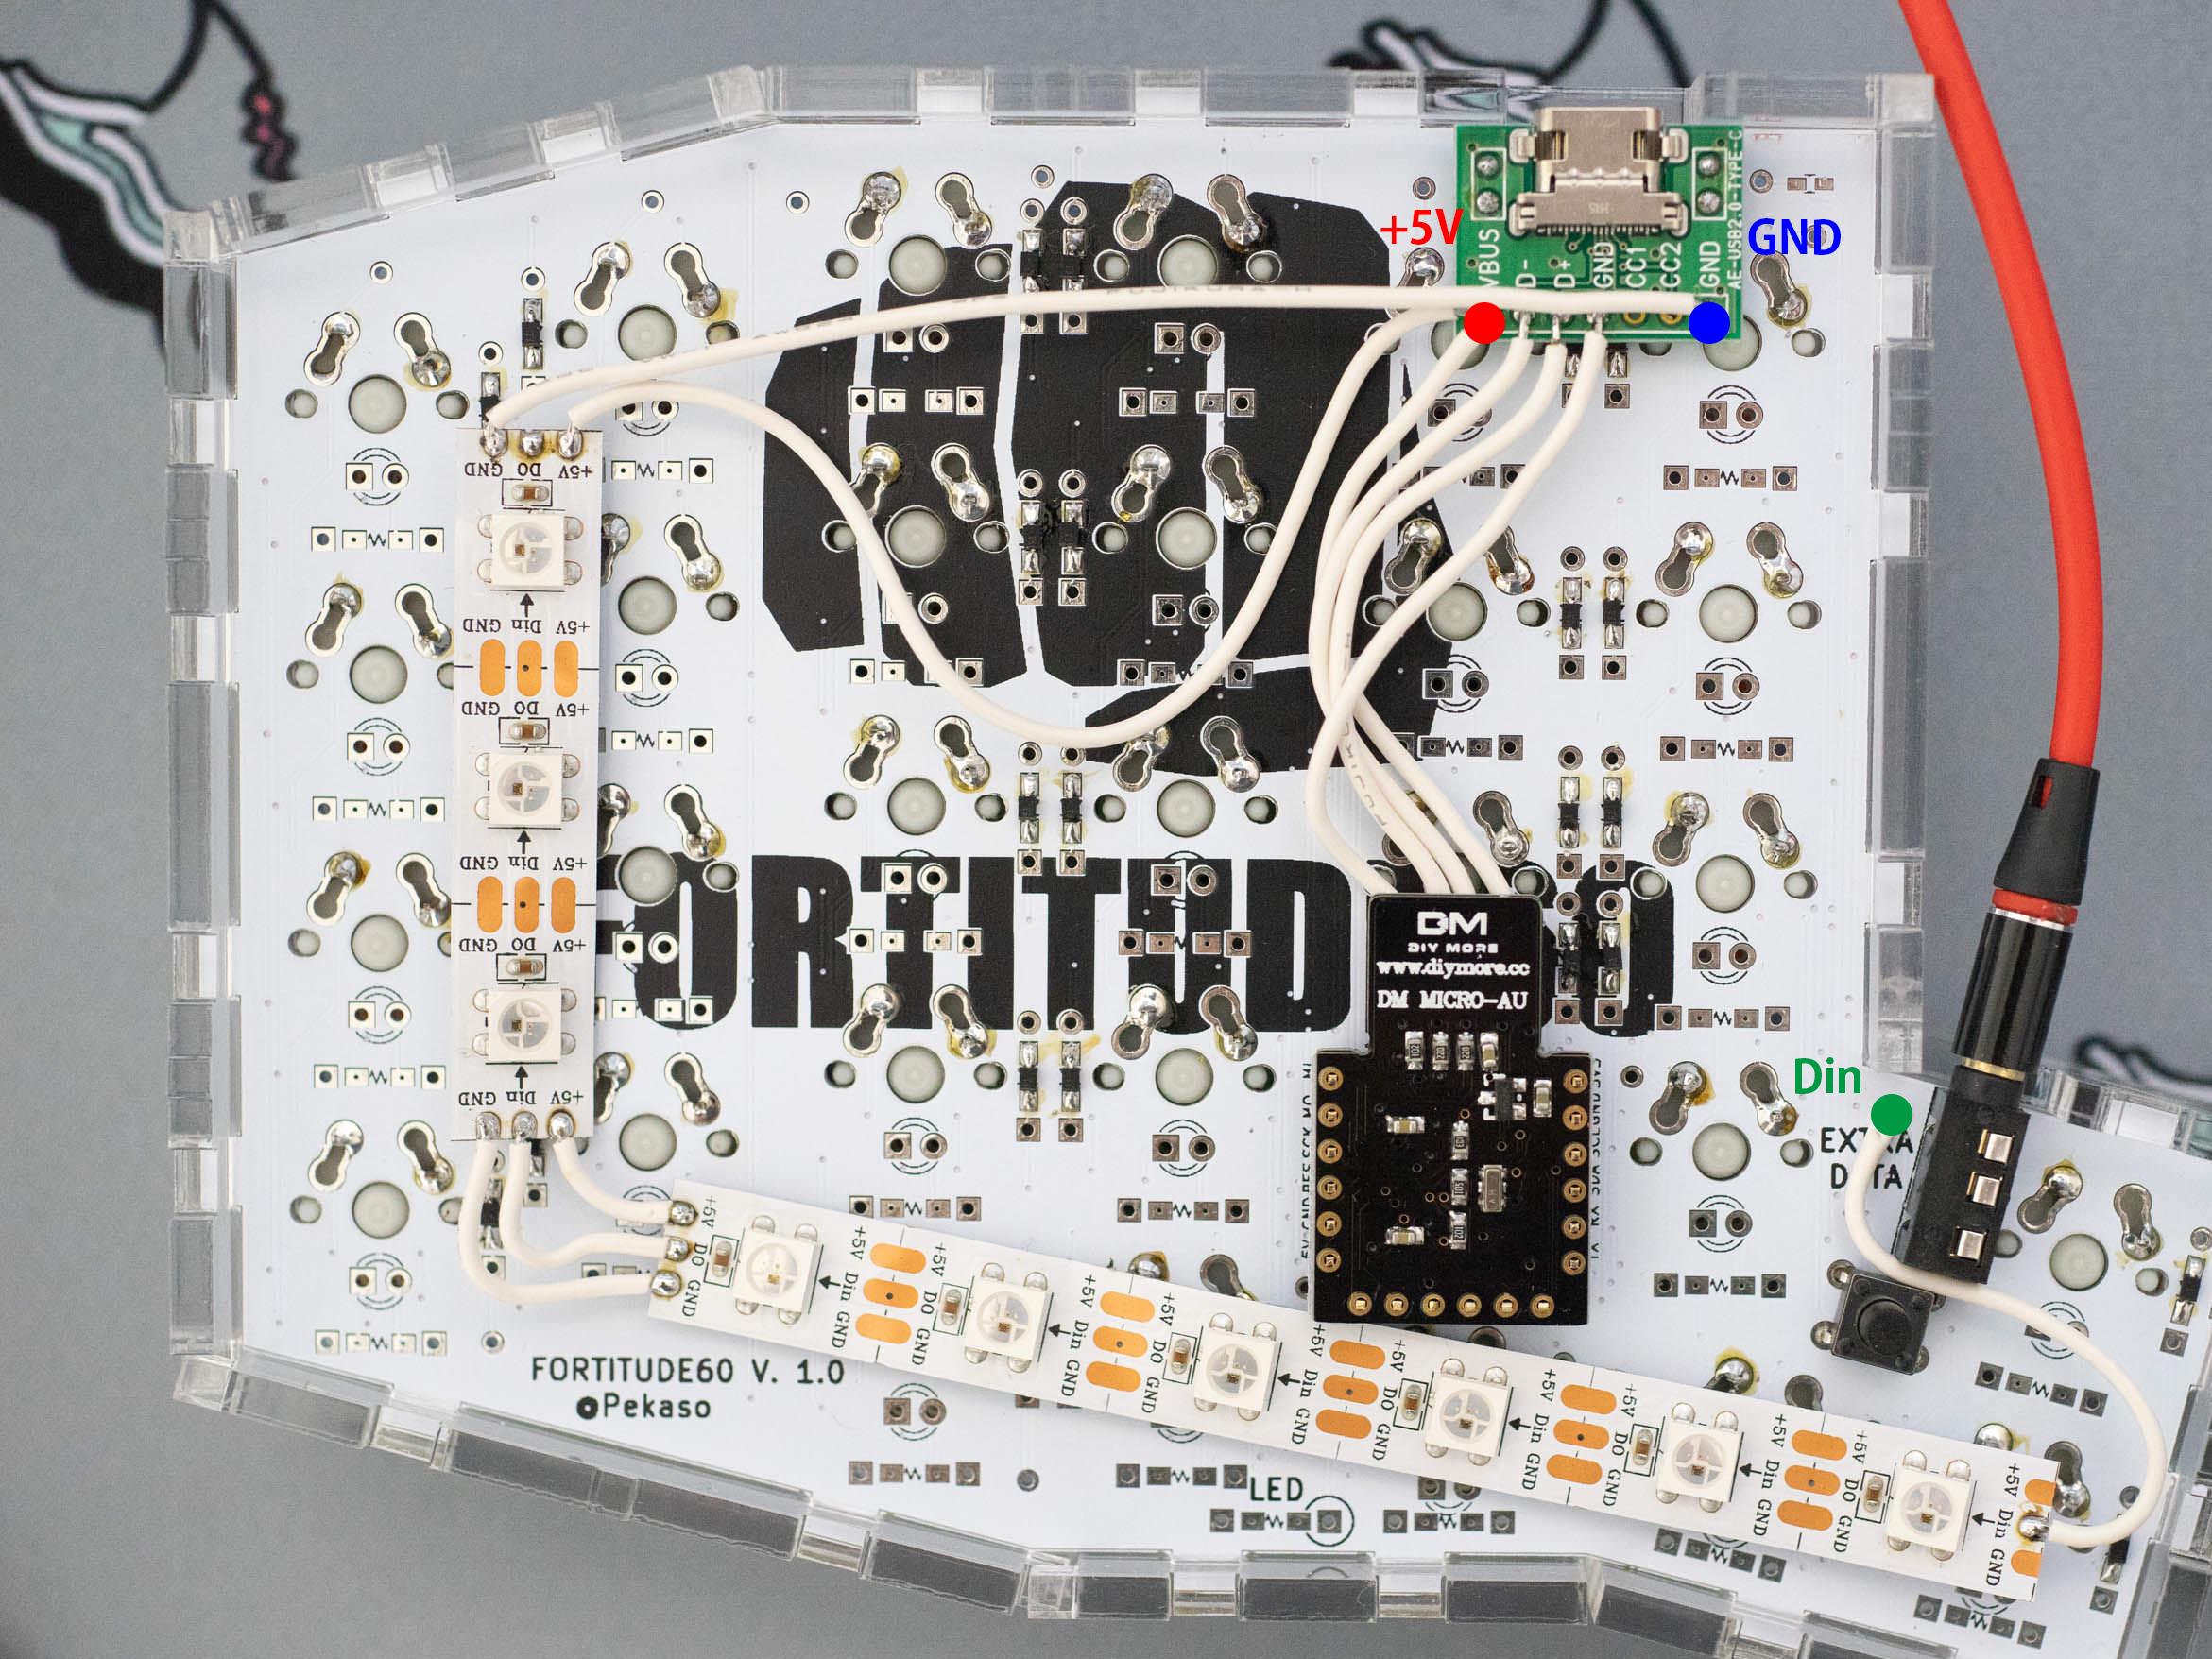 LEDテープ配線(左手側)